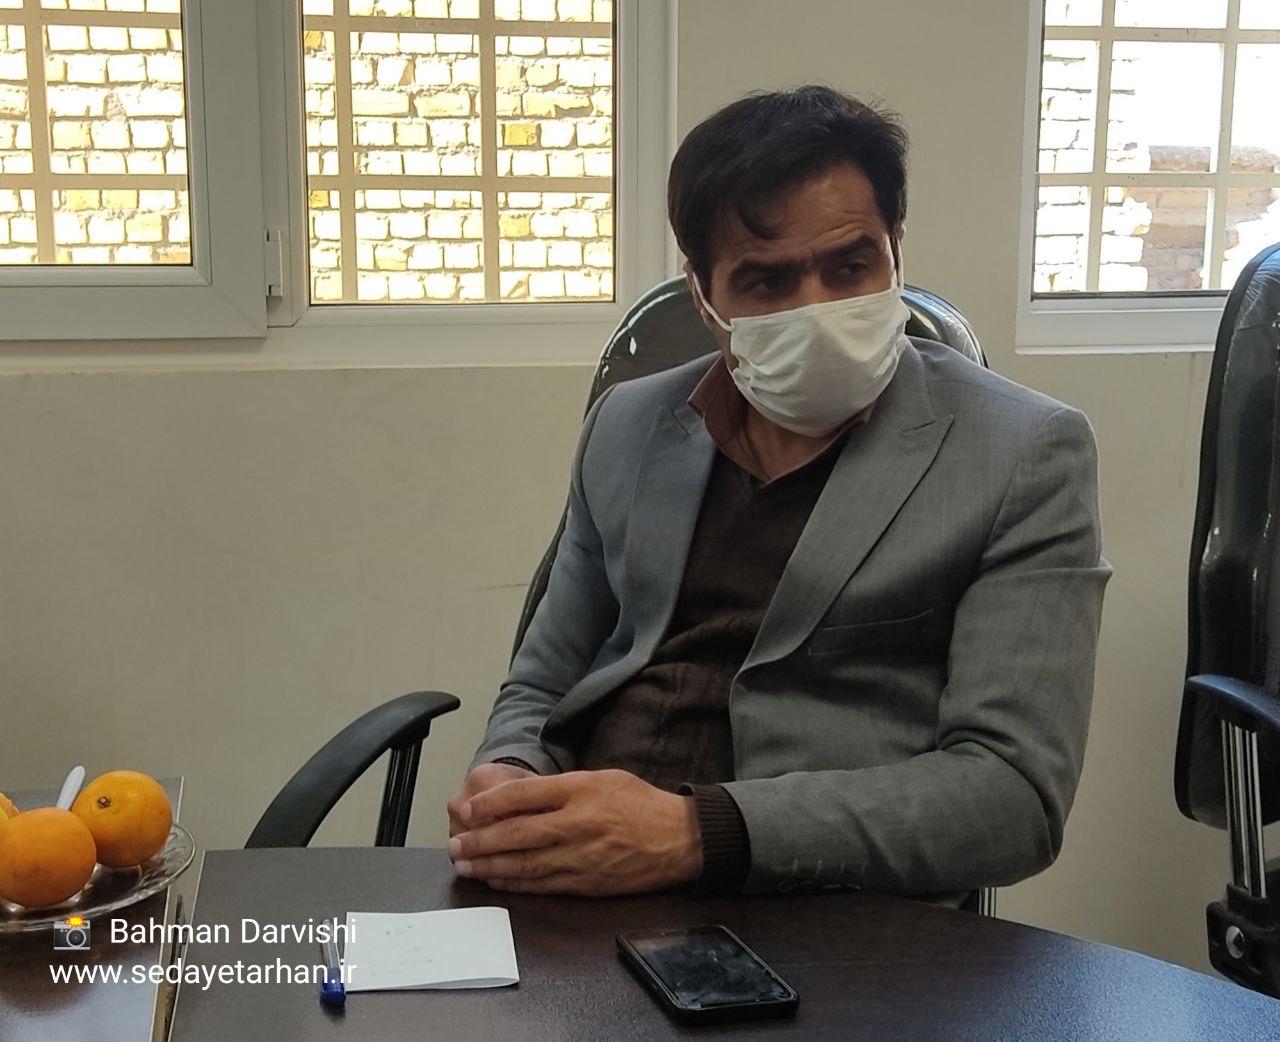 مسئول خانه مطبوعات شهرستان کوهدشت از واکسینه شدن خبرنگاران در شهرستان کوهدشت خبر داد